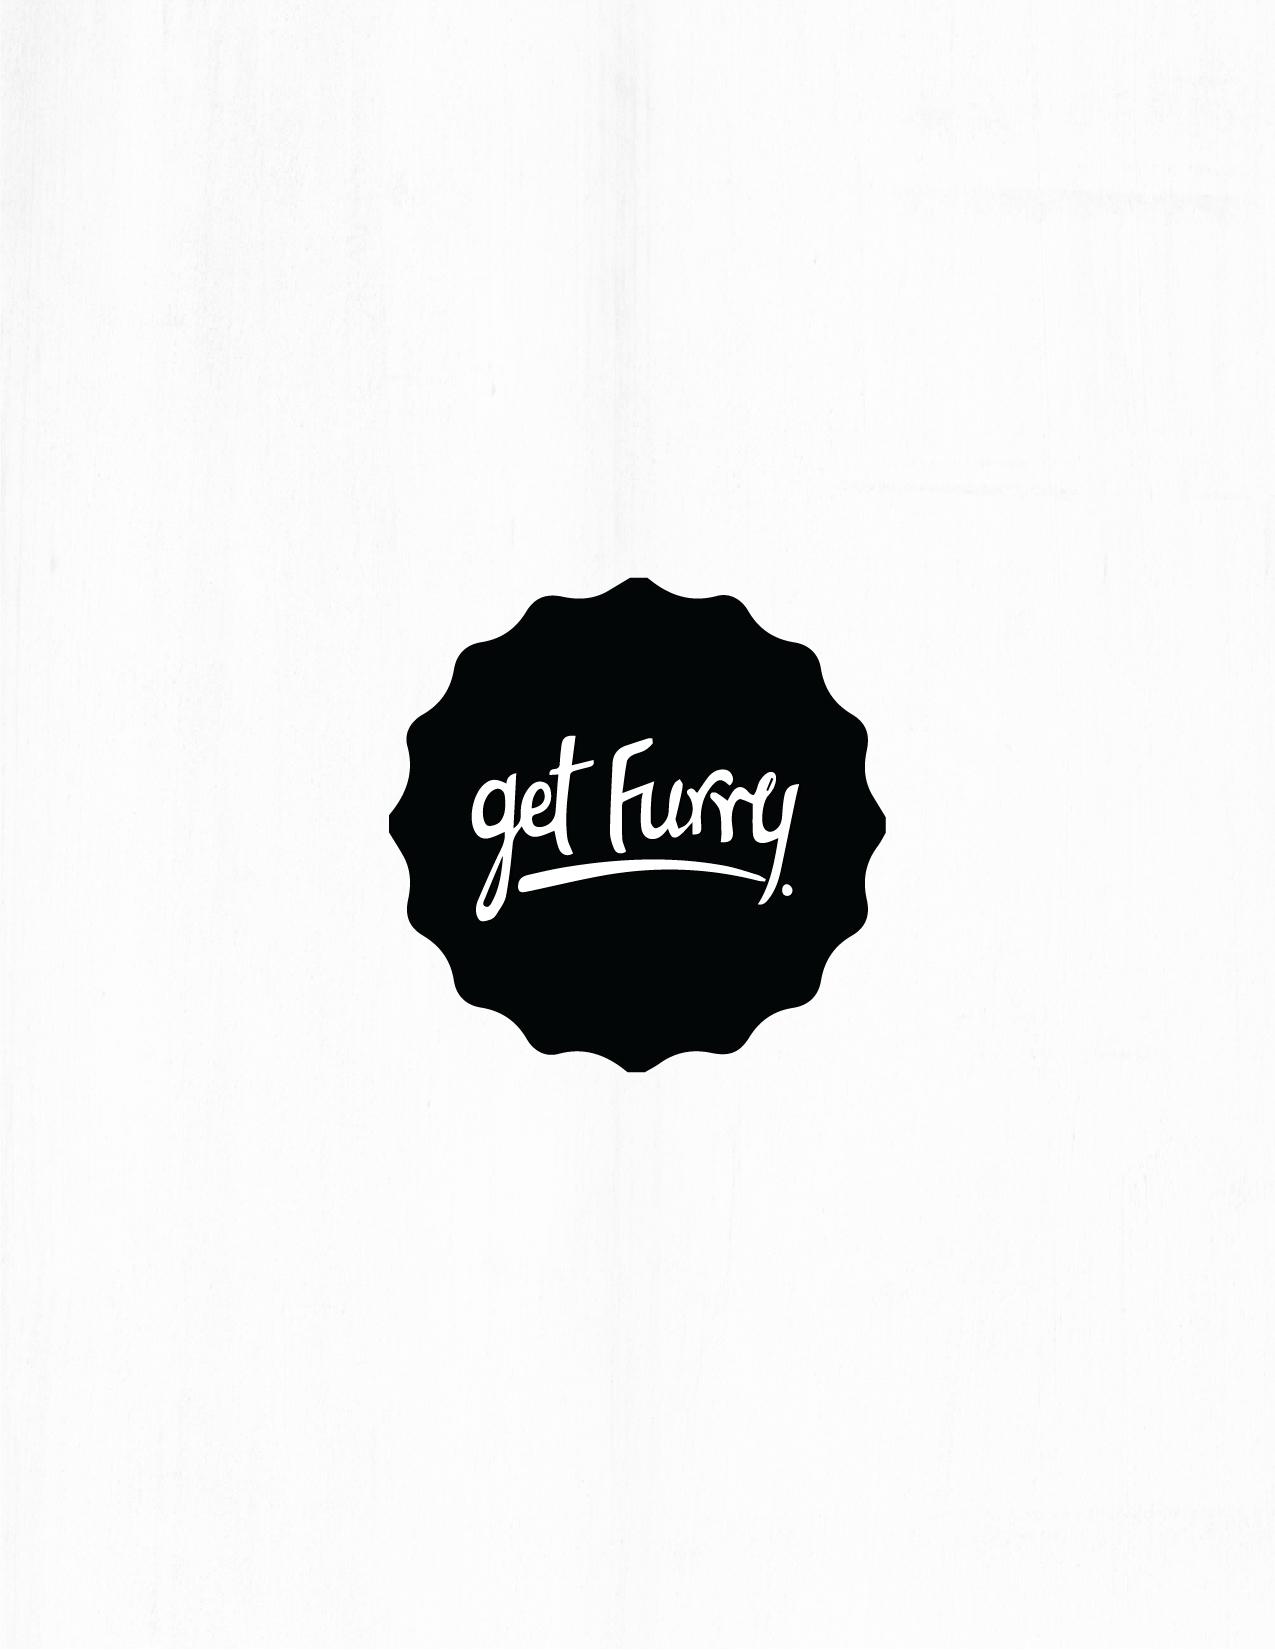 GetFurry-13.jpg